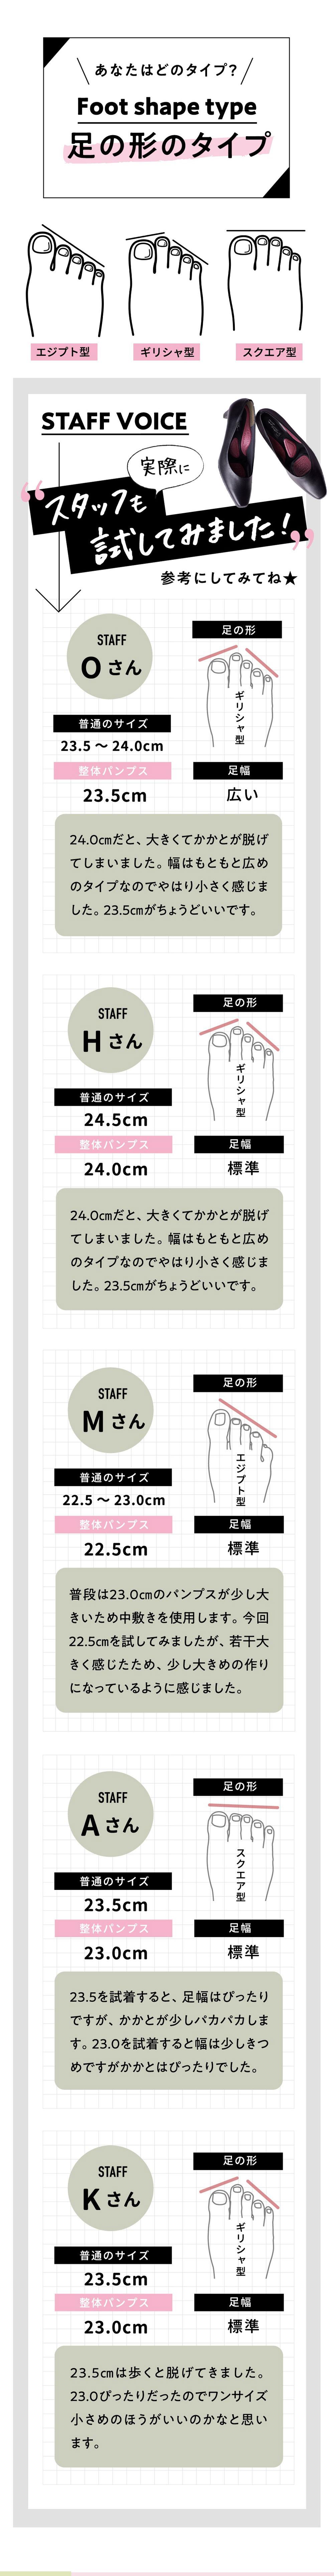 足の形タイプ別:スタッフが履いた感想